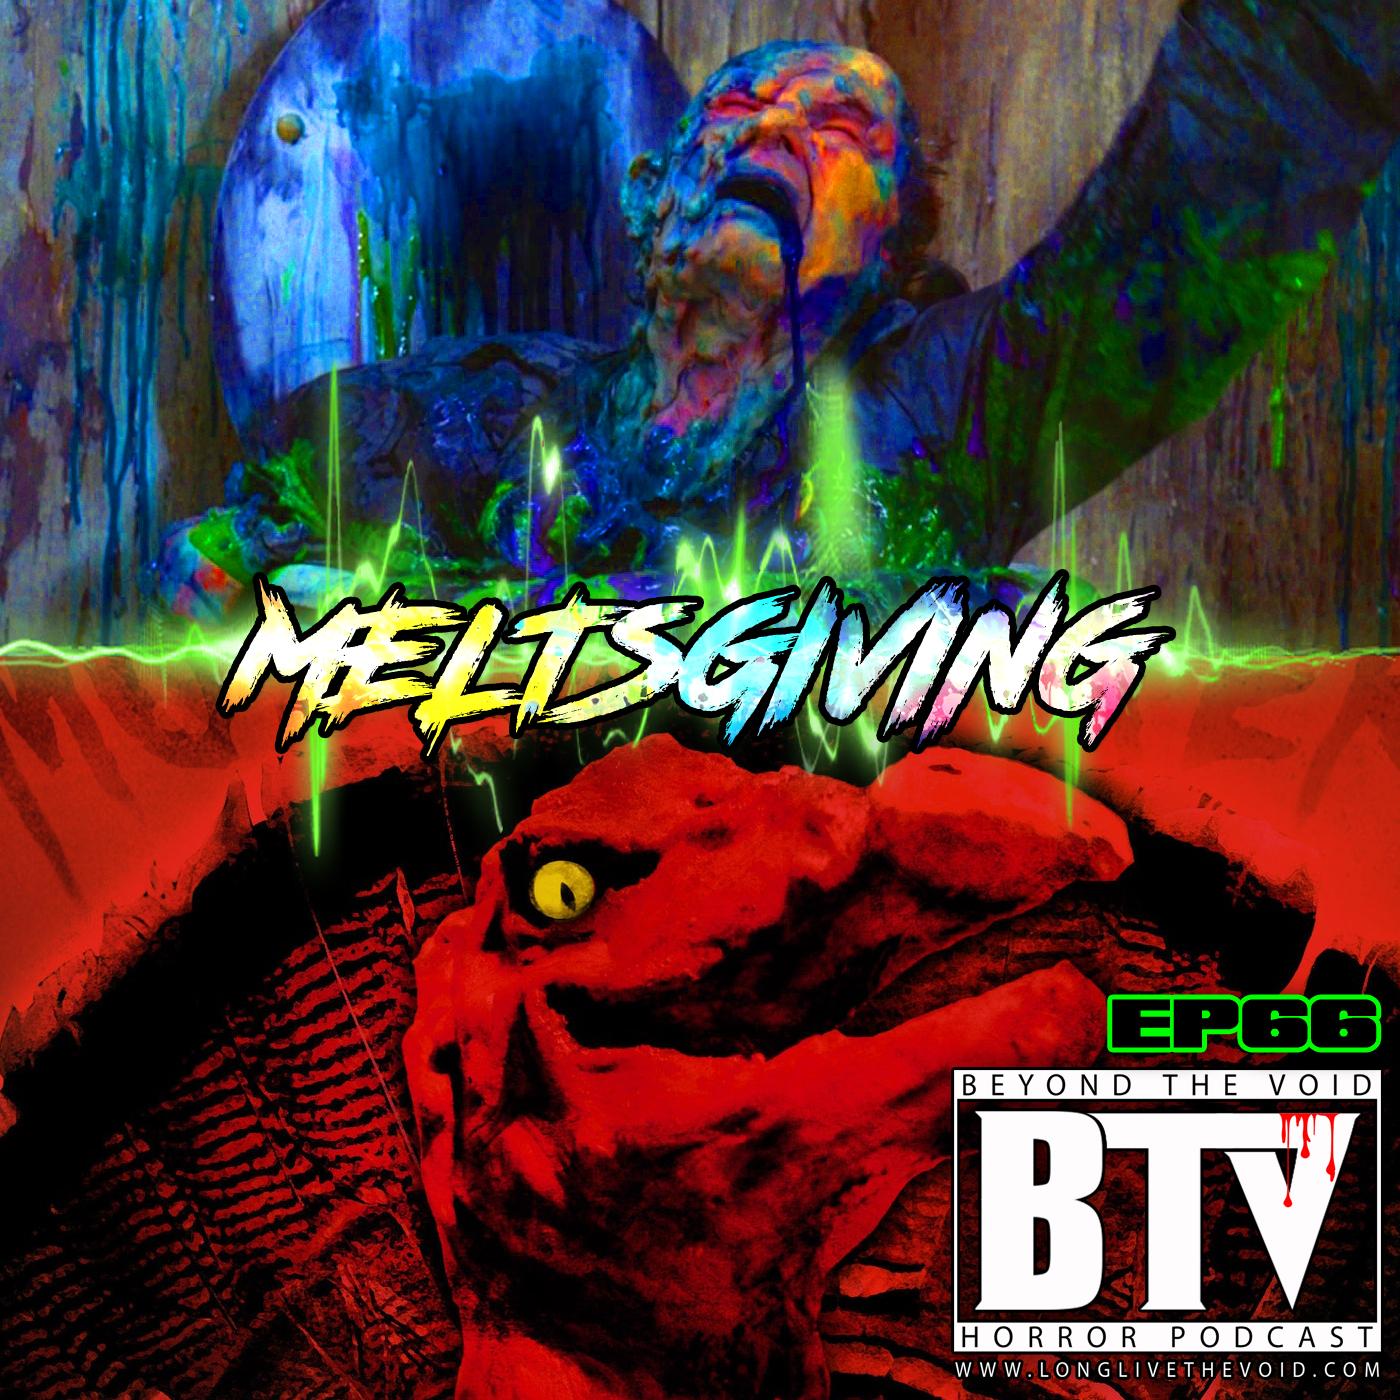 Meltsgiving-14x14cover.jpg